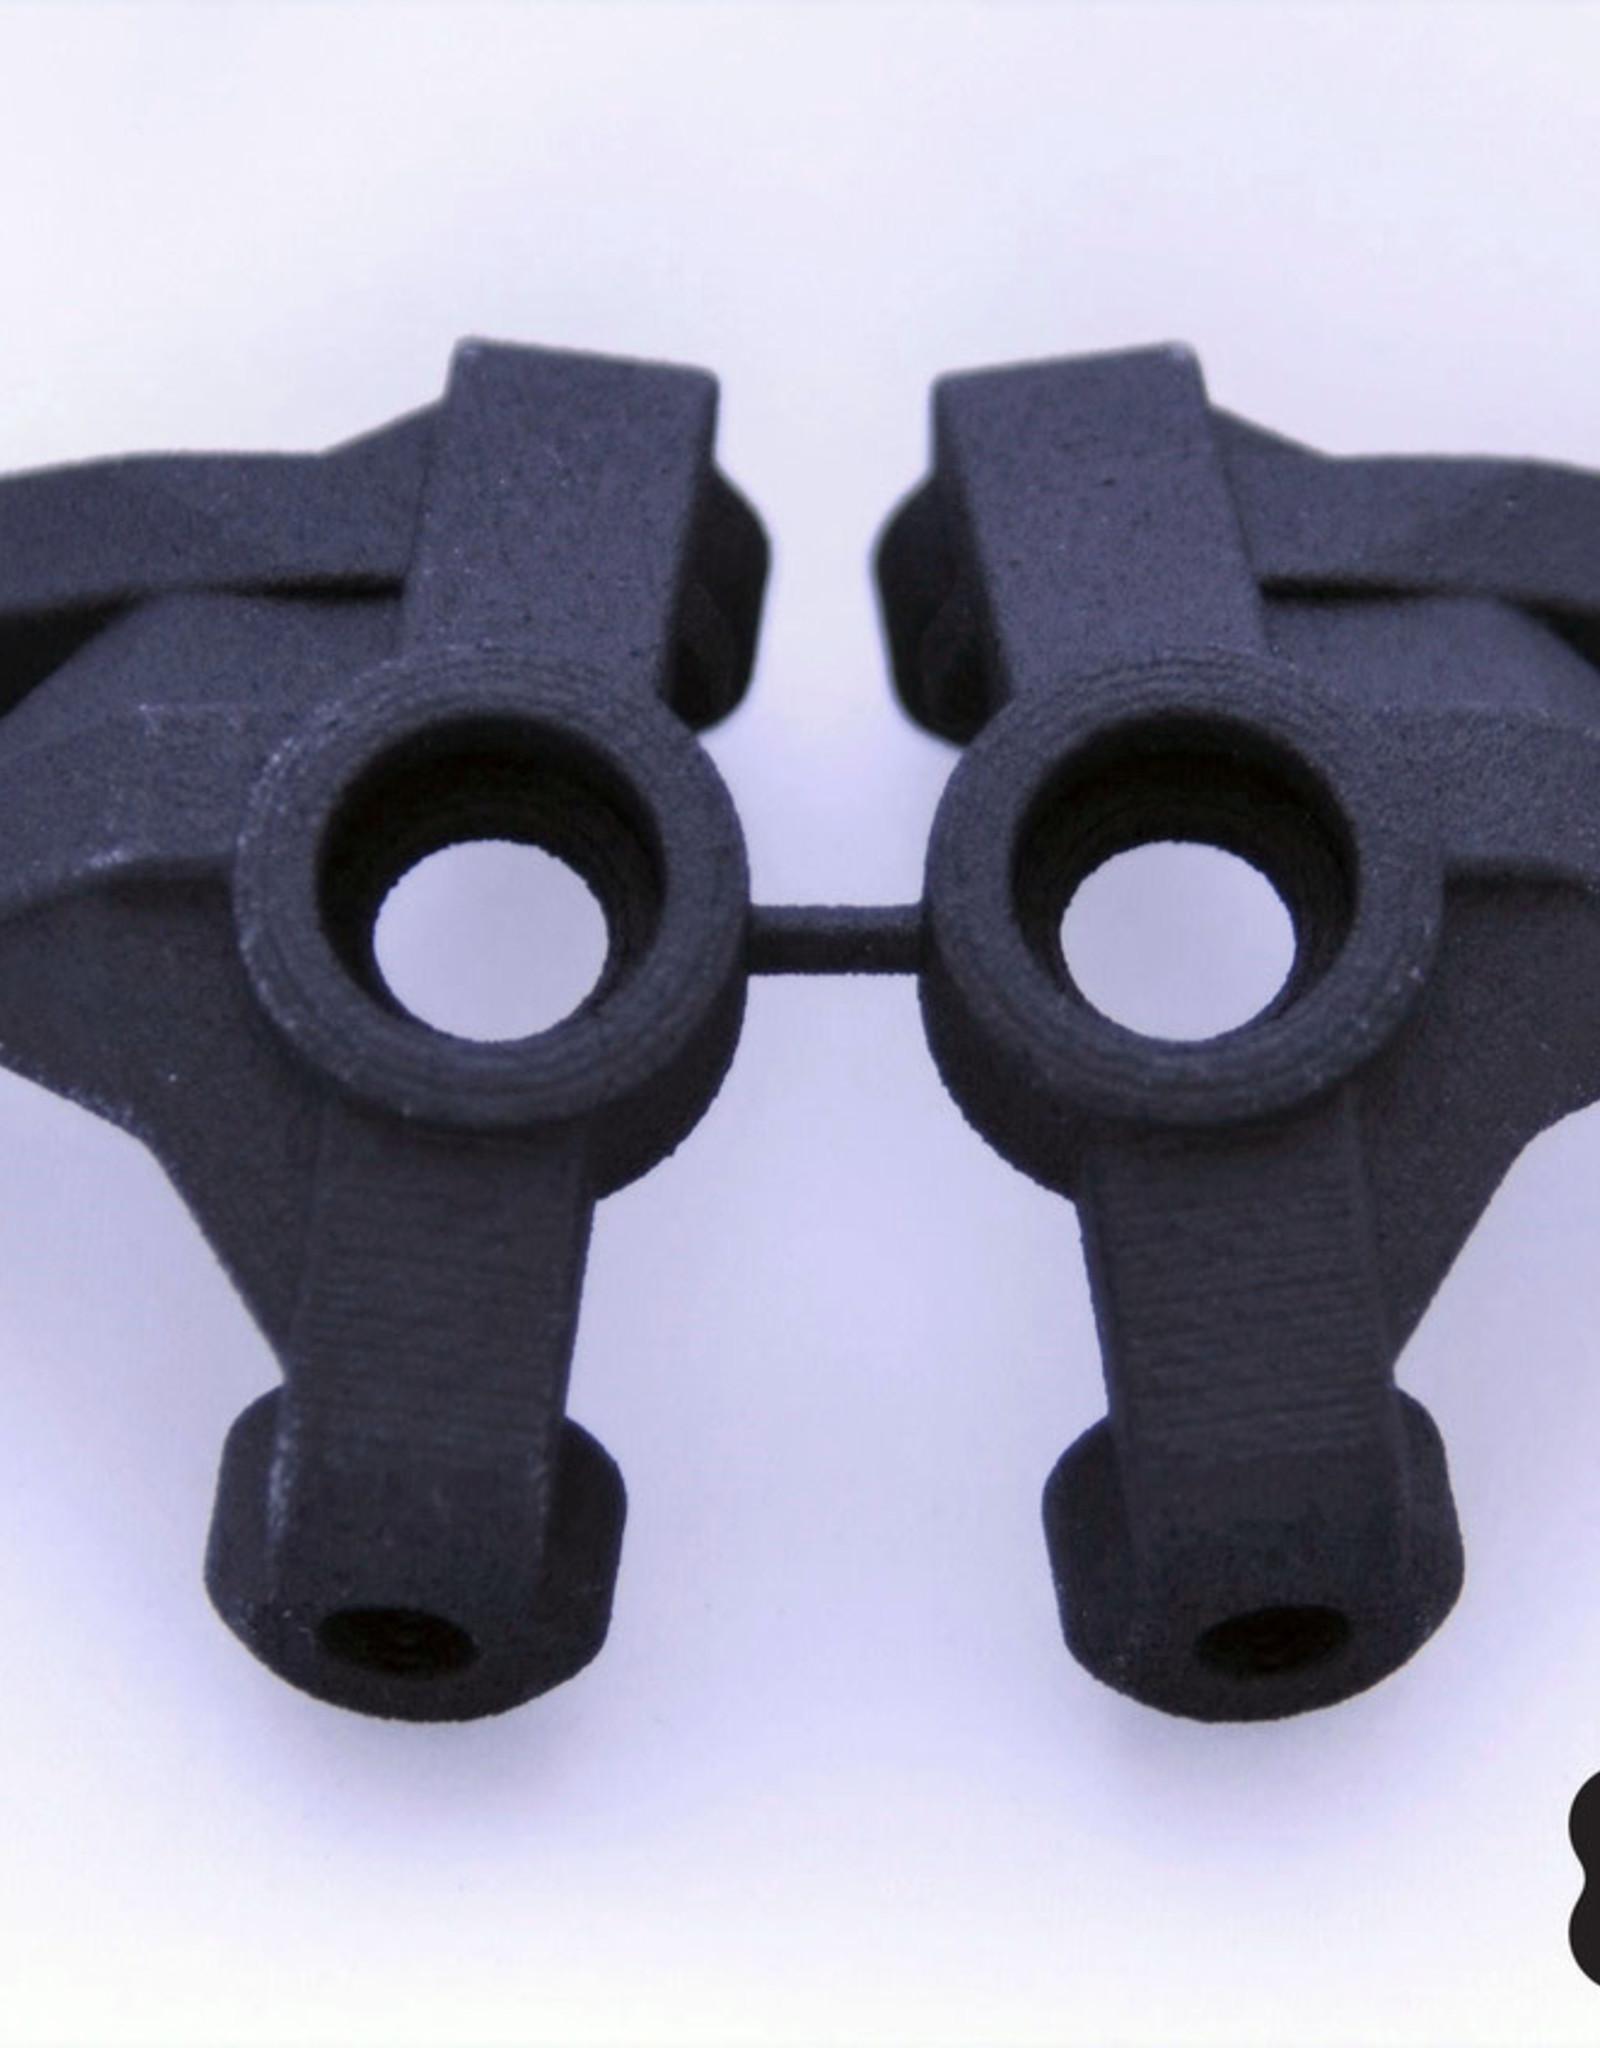 BowhouseRC NCYota Double Shear Knuckle Set